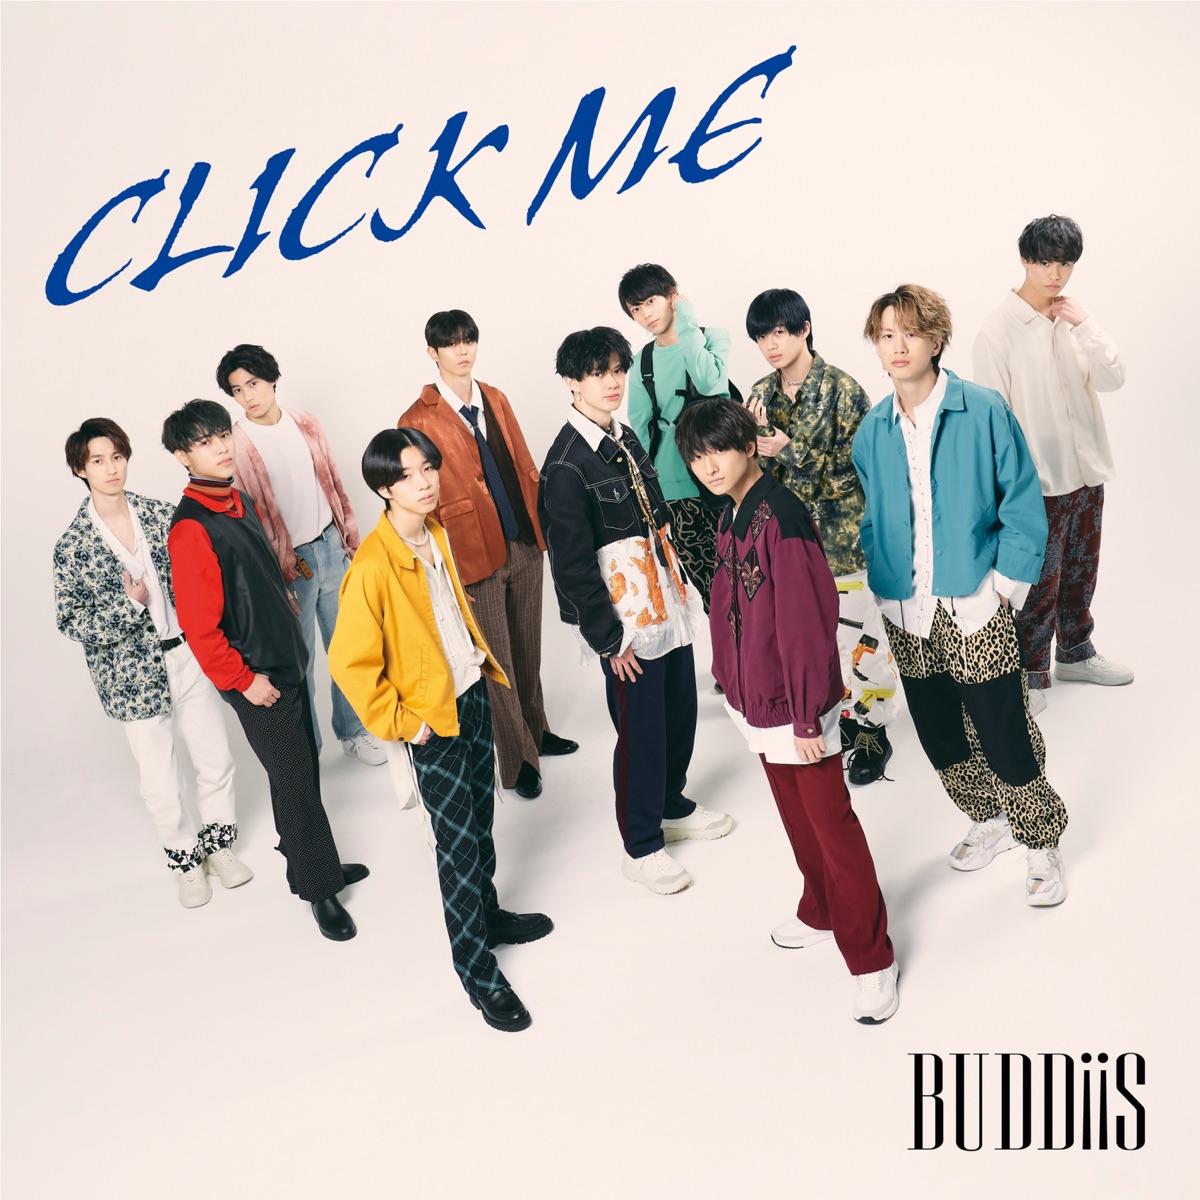 『BUDDiiS - CLICK ME』収録の『CLICK ME』ジャケット